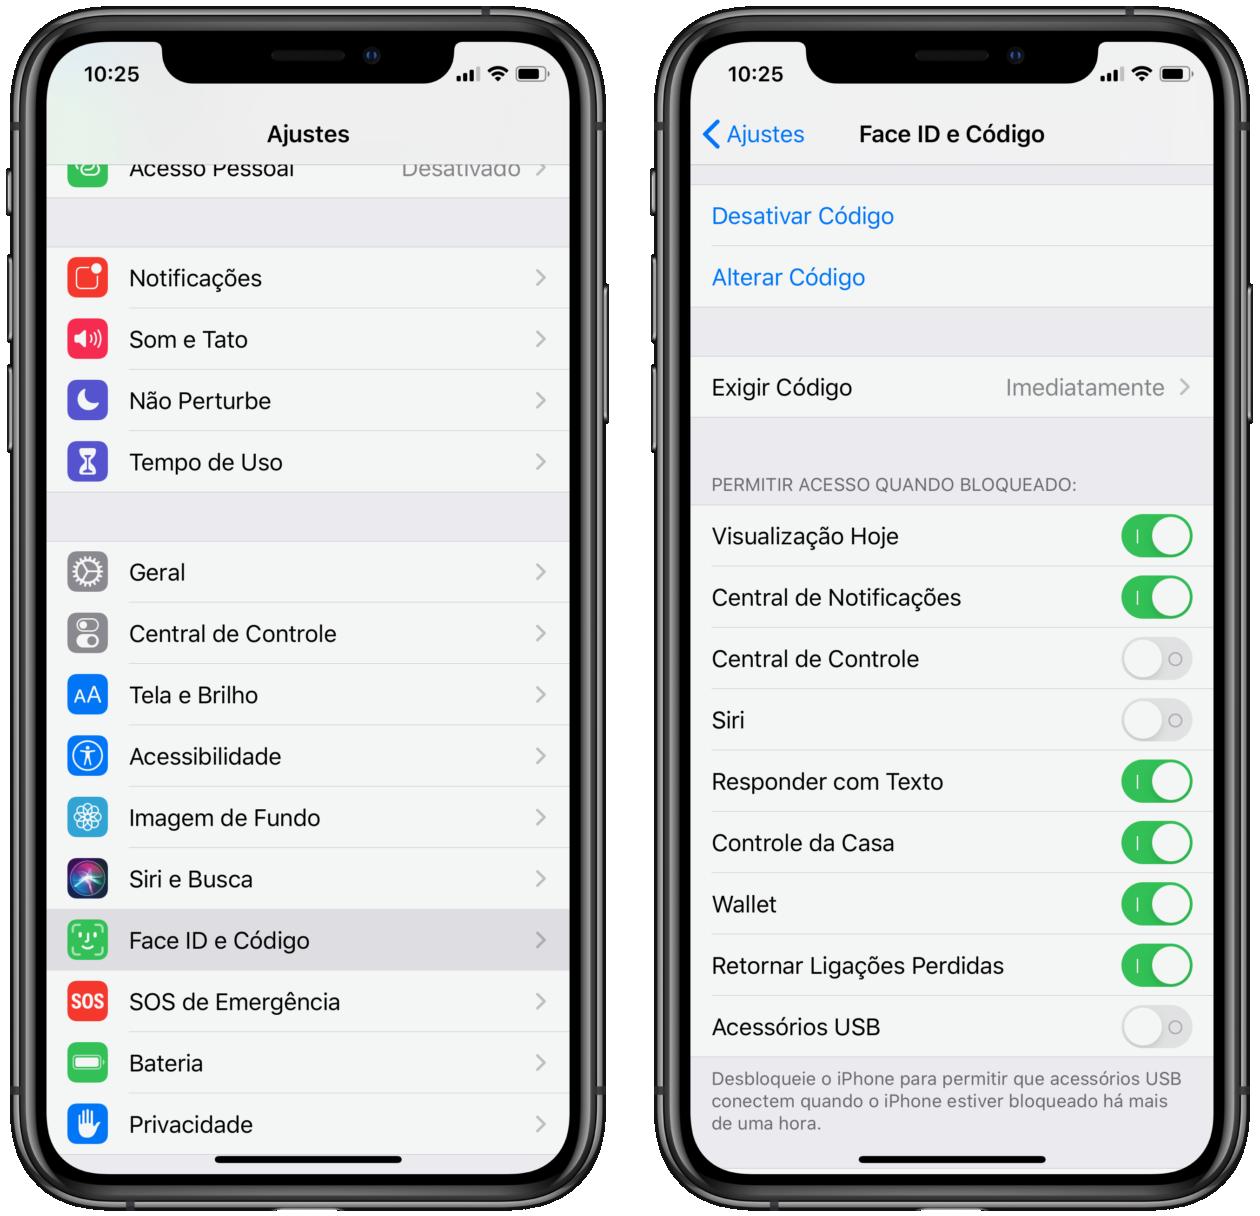 """Configurar """"Visualização Hoje"""" no iPhone"""